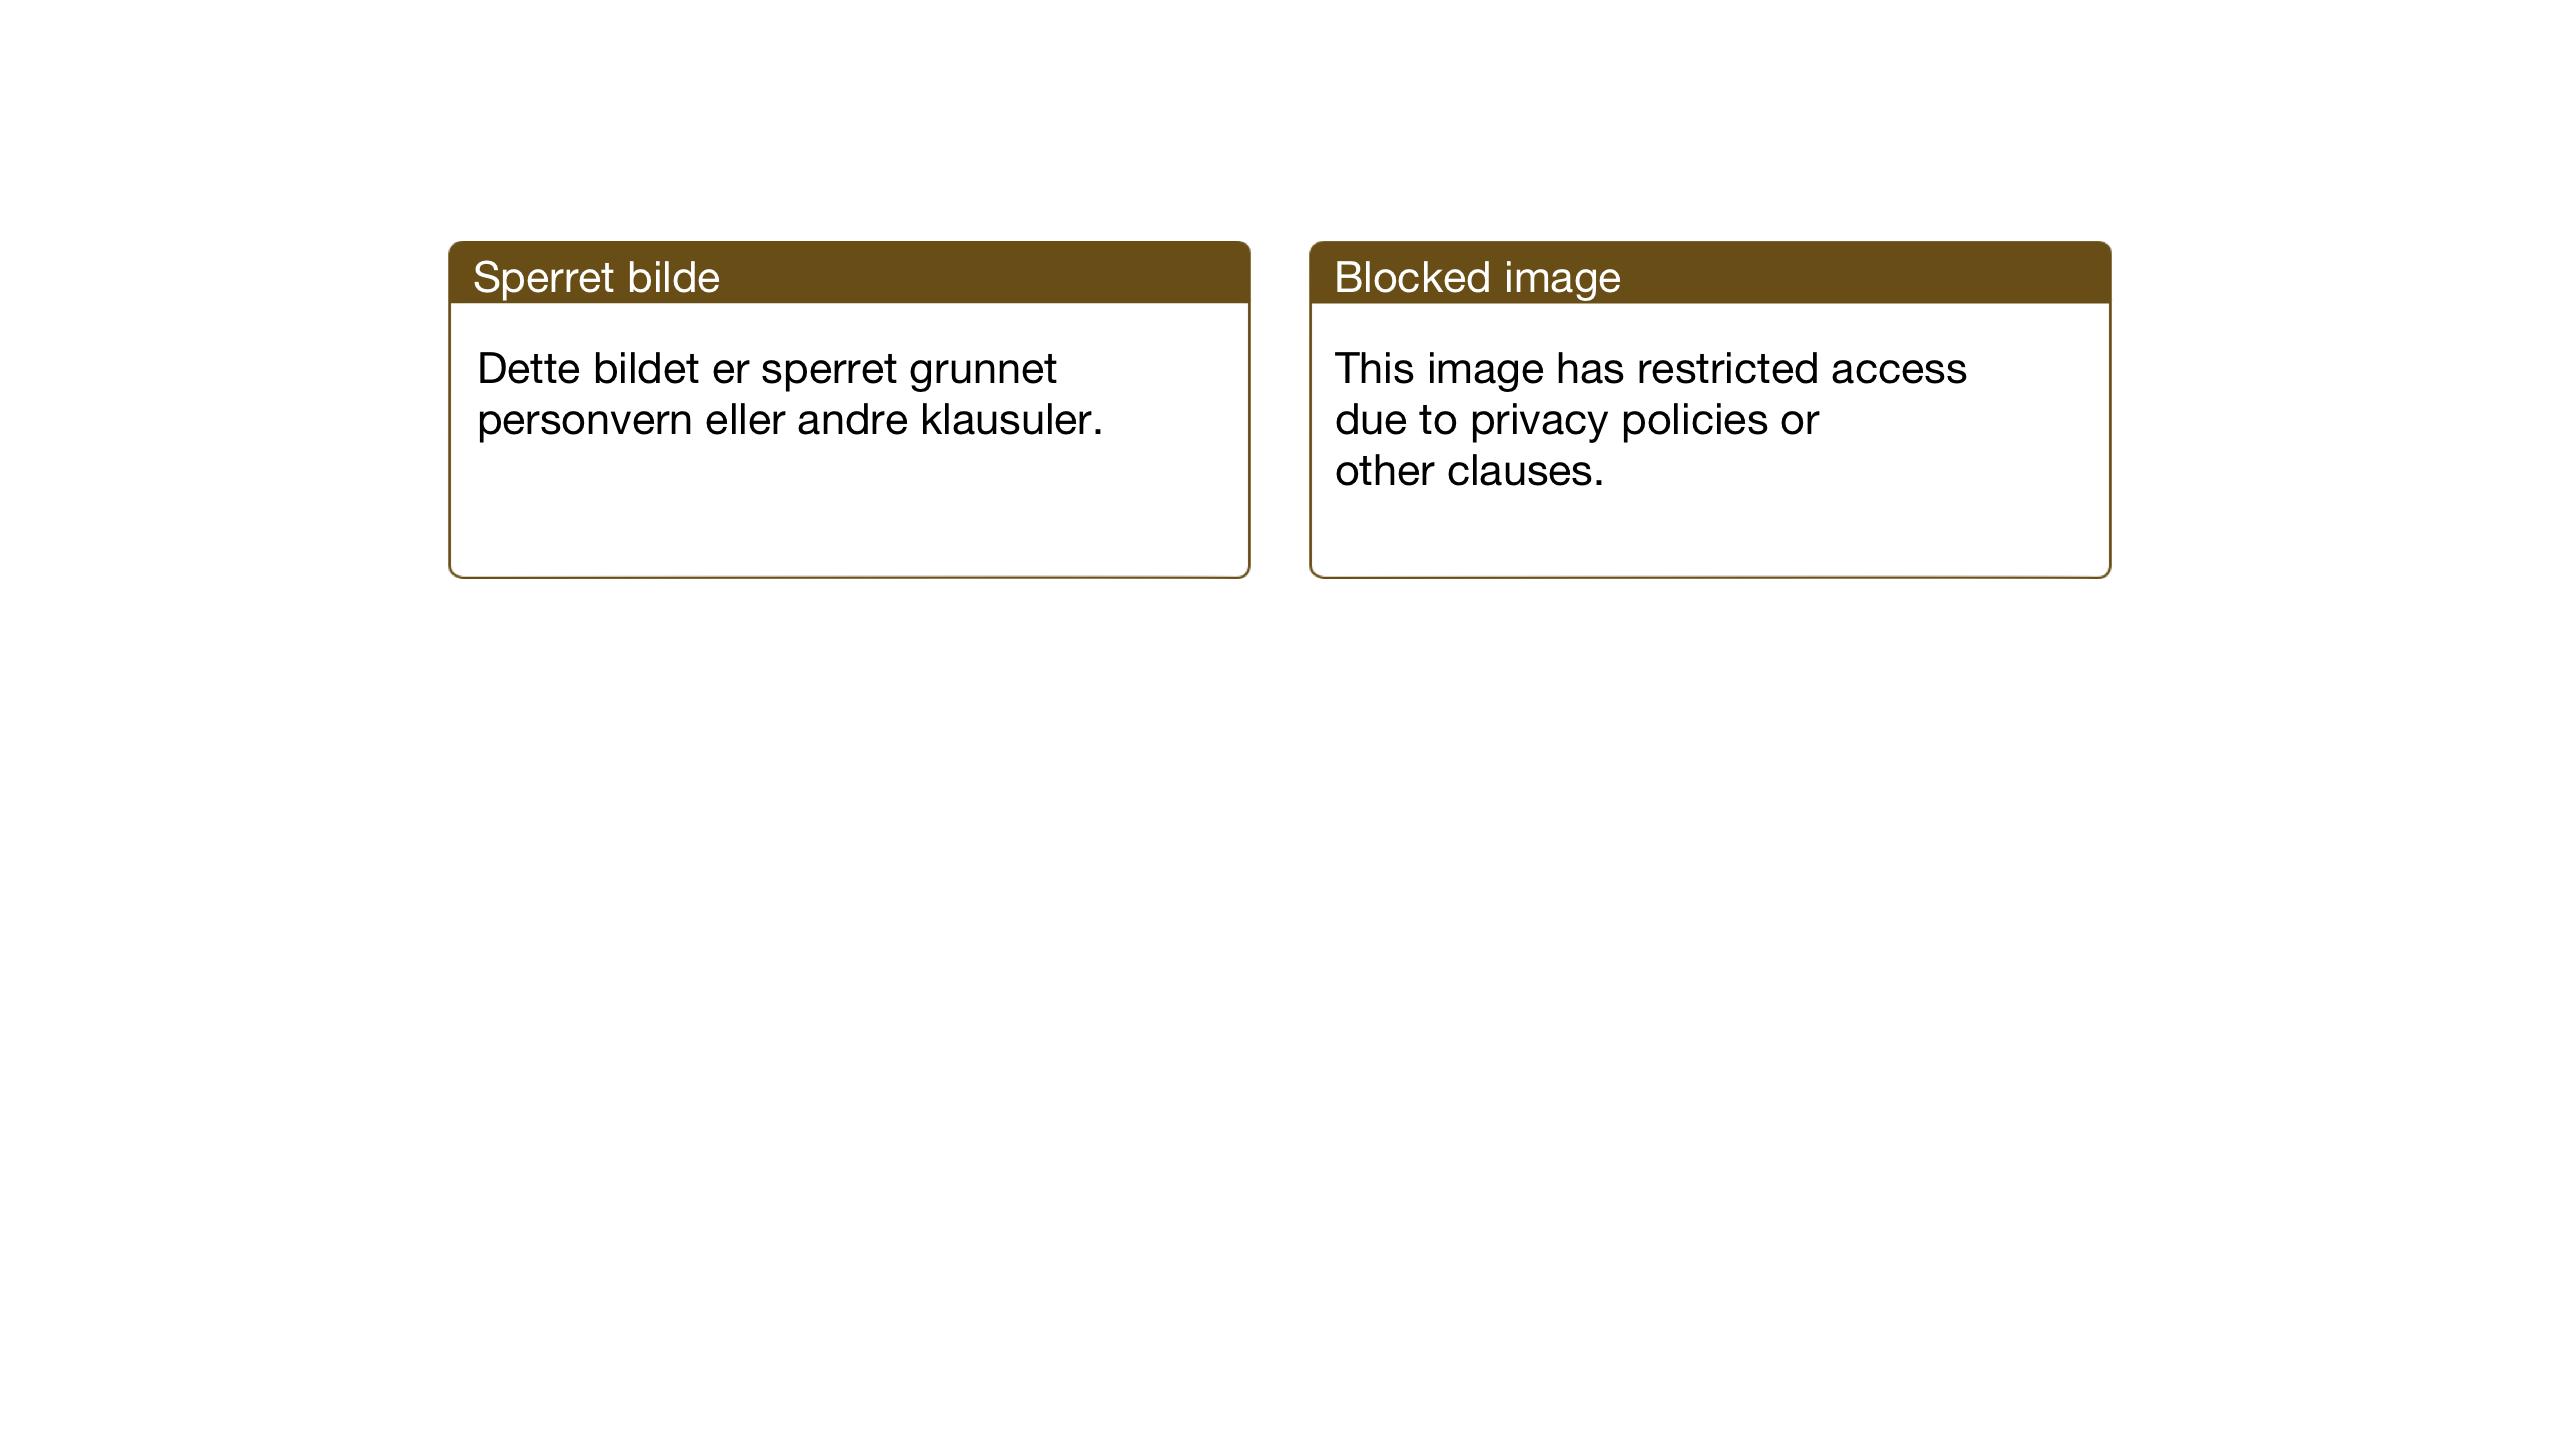 SAT, Ministerialprotokoller, klokkerbøker og fødselsregistre - Sør-Trøndelag, 669/L0832: Klokkerbok nr. 669C02, 1925-1953, s. 142